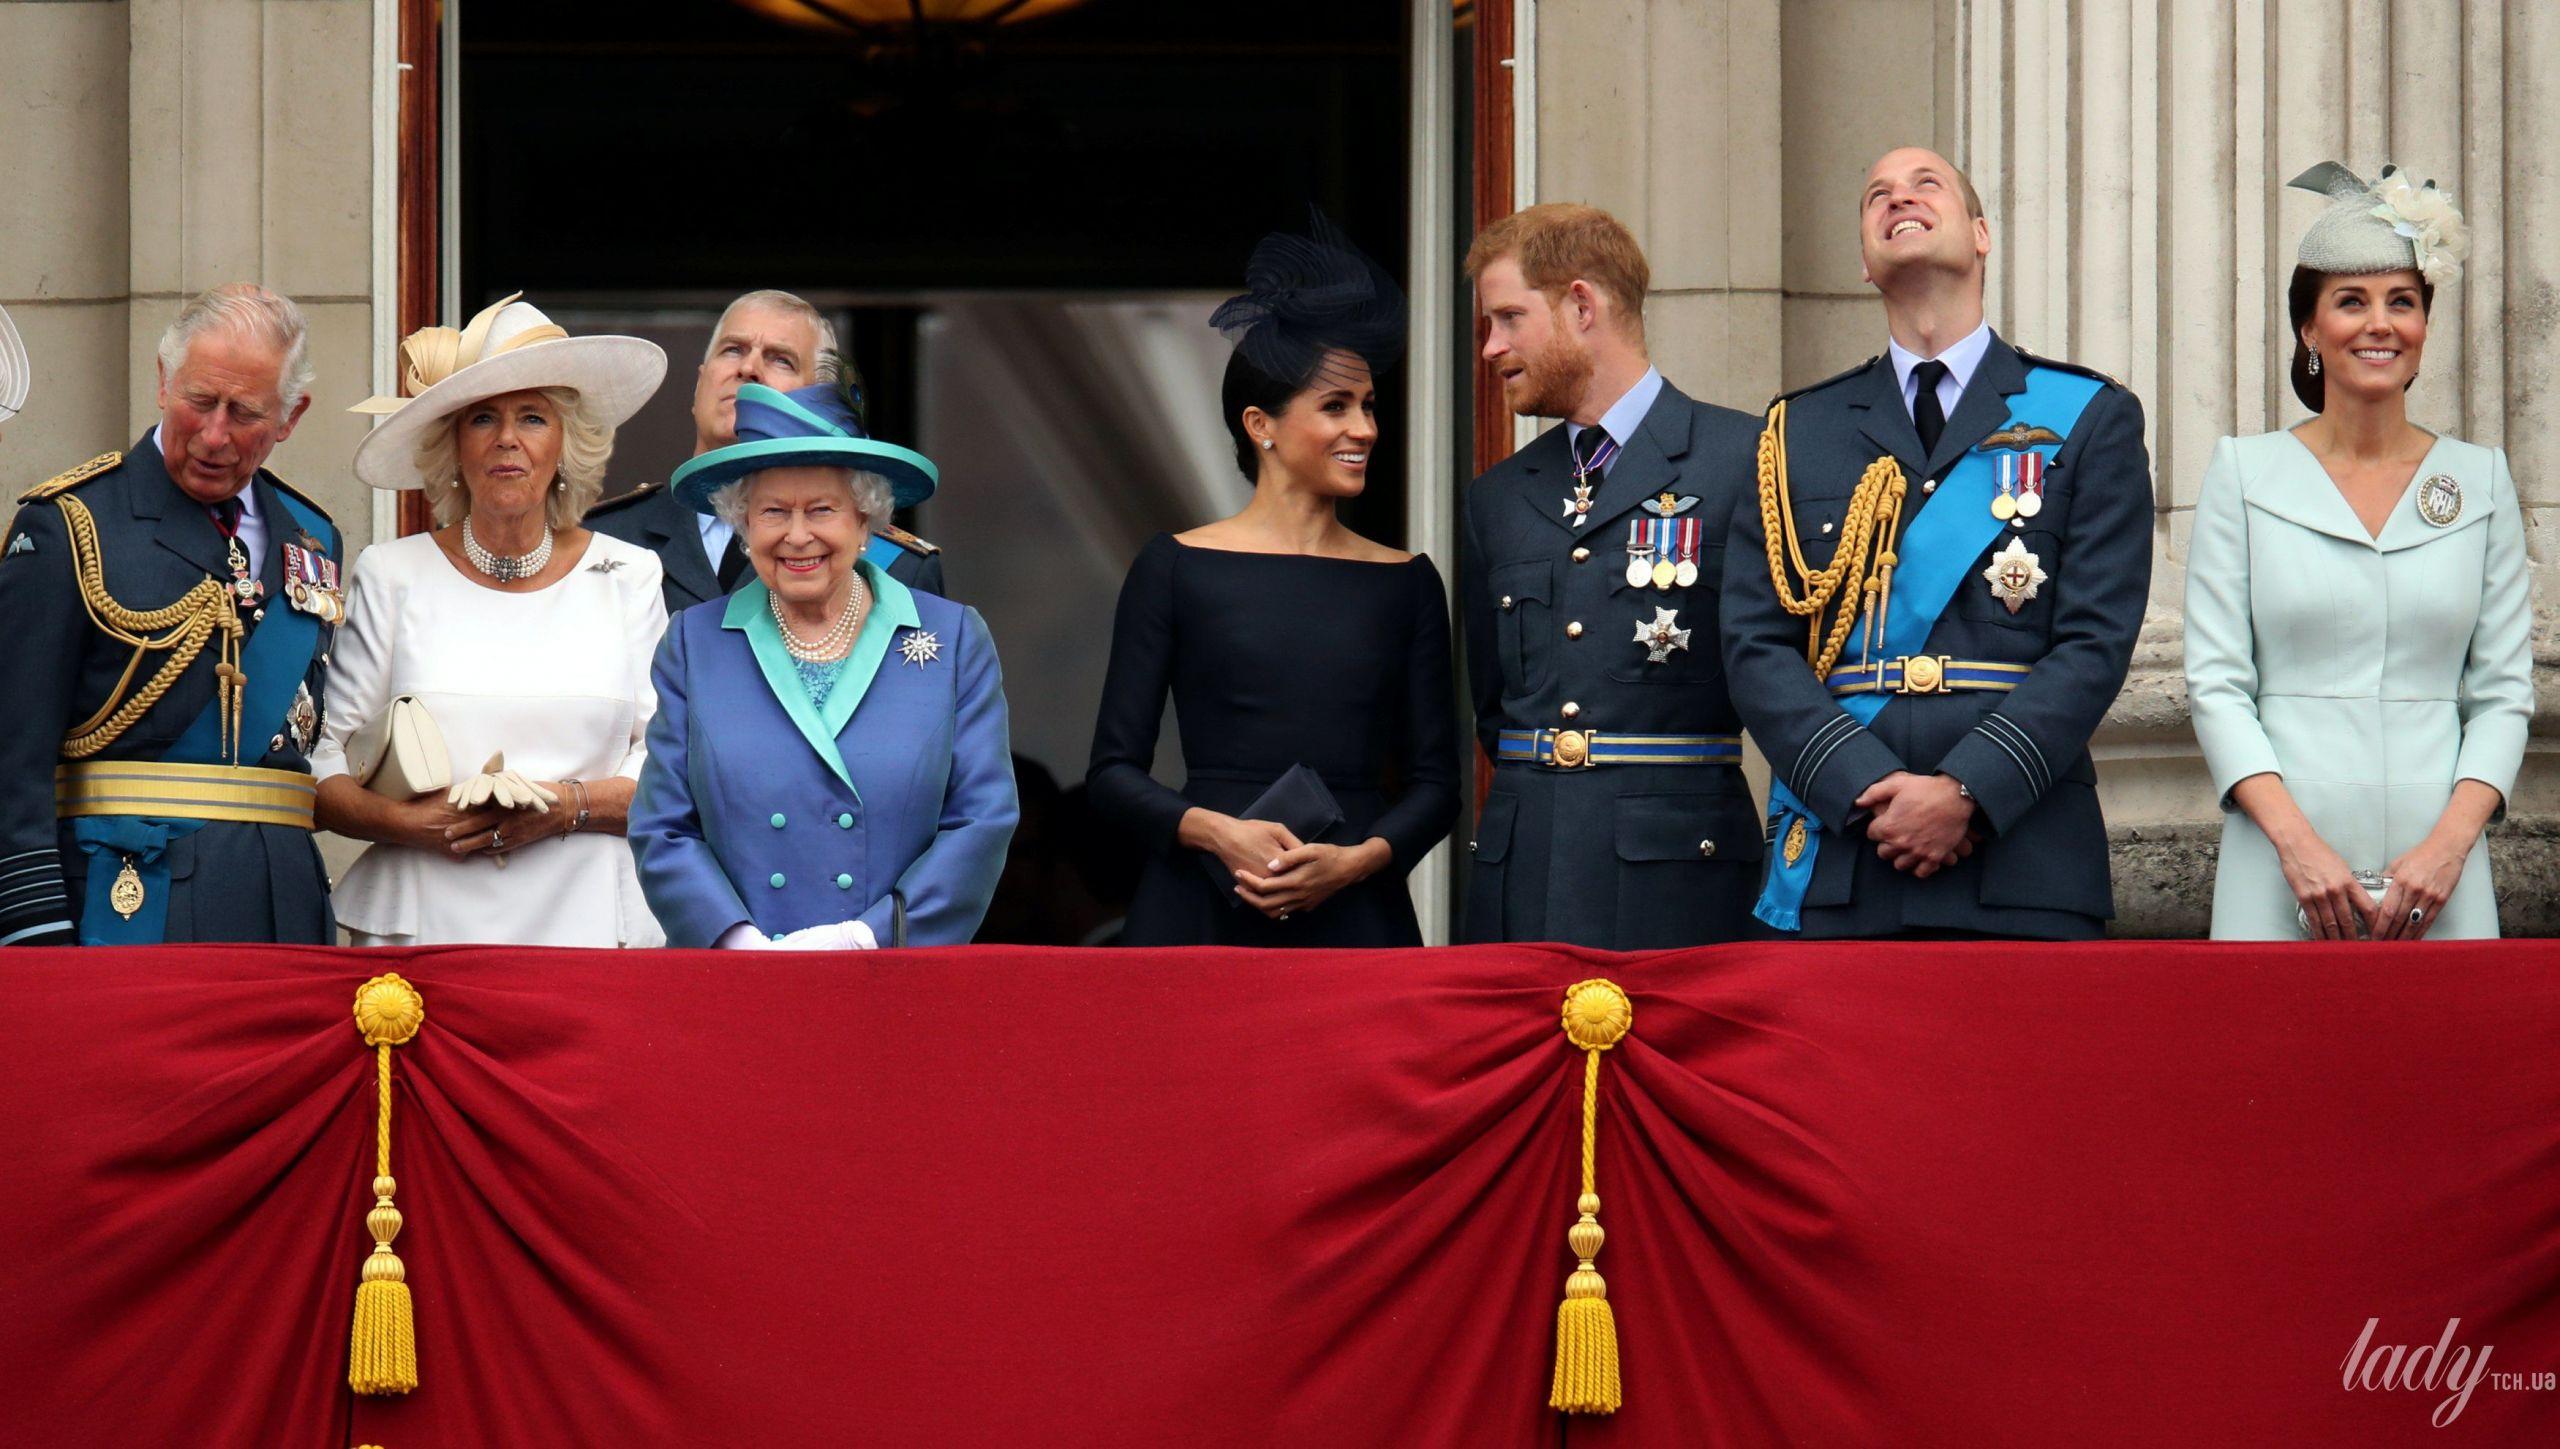 Balkon Dekoration Schön СобраРись на баРконе британская короРевская семья набРюдает